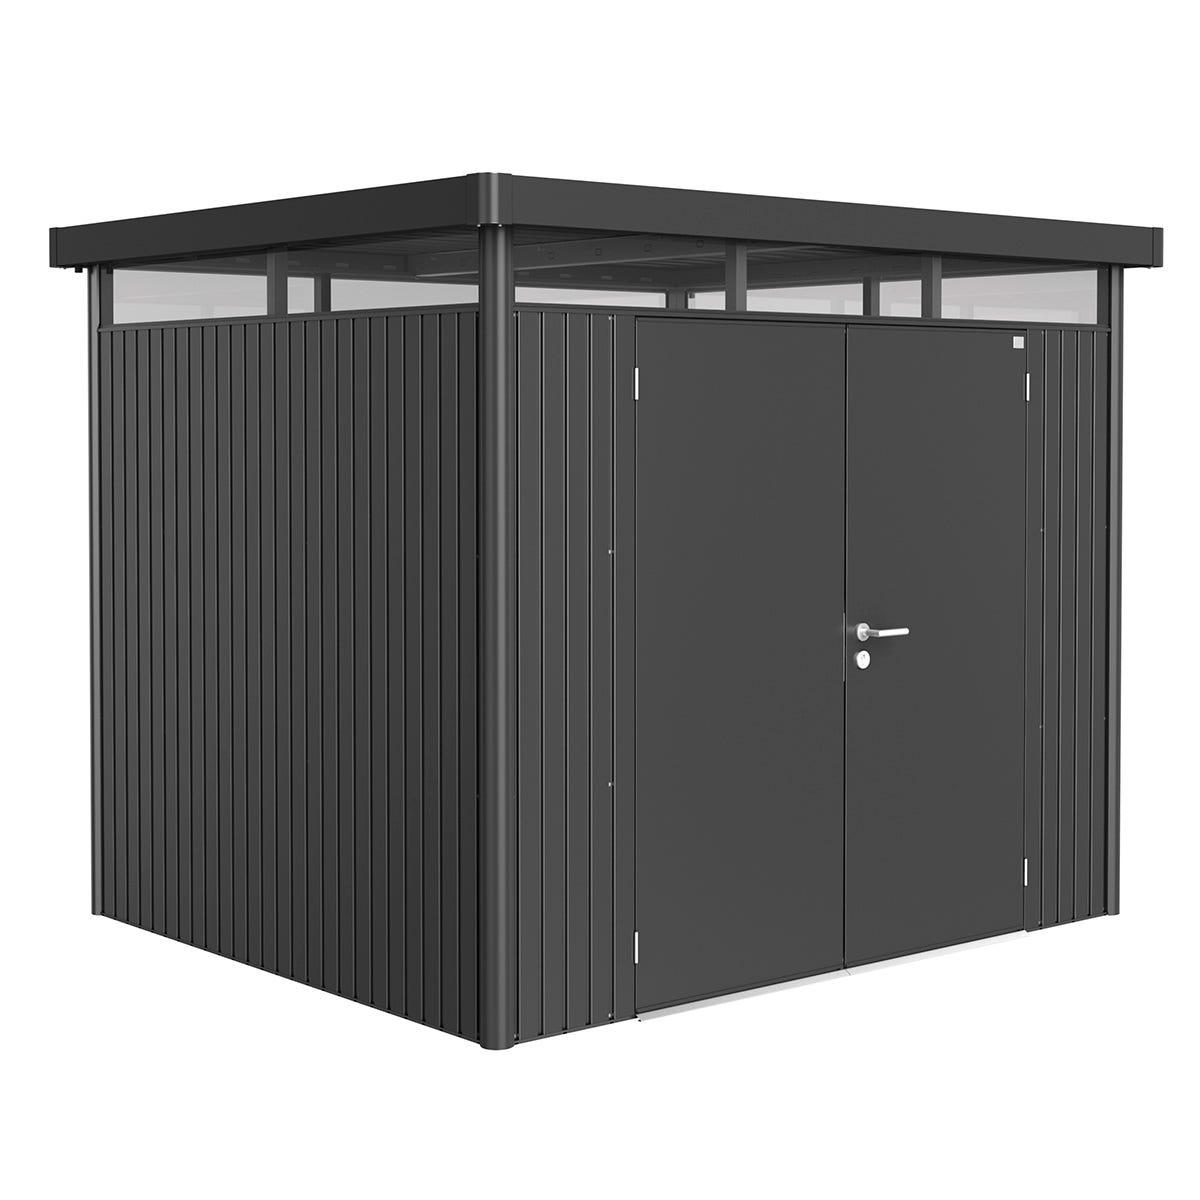 Biohort Highline Metal Shed H3 Double door 9 x 8 - Dark Grey